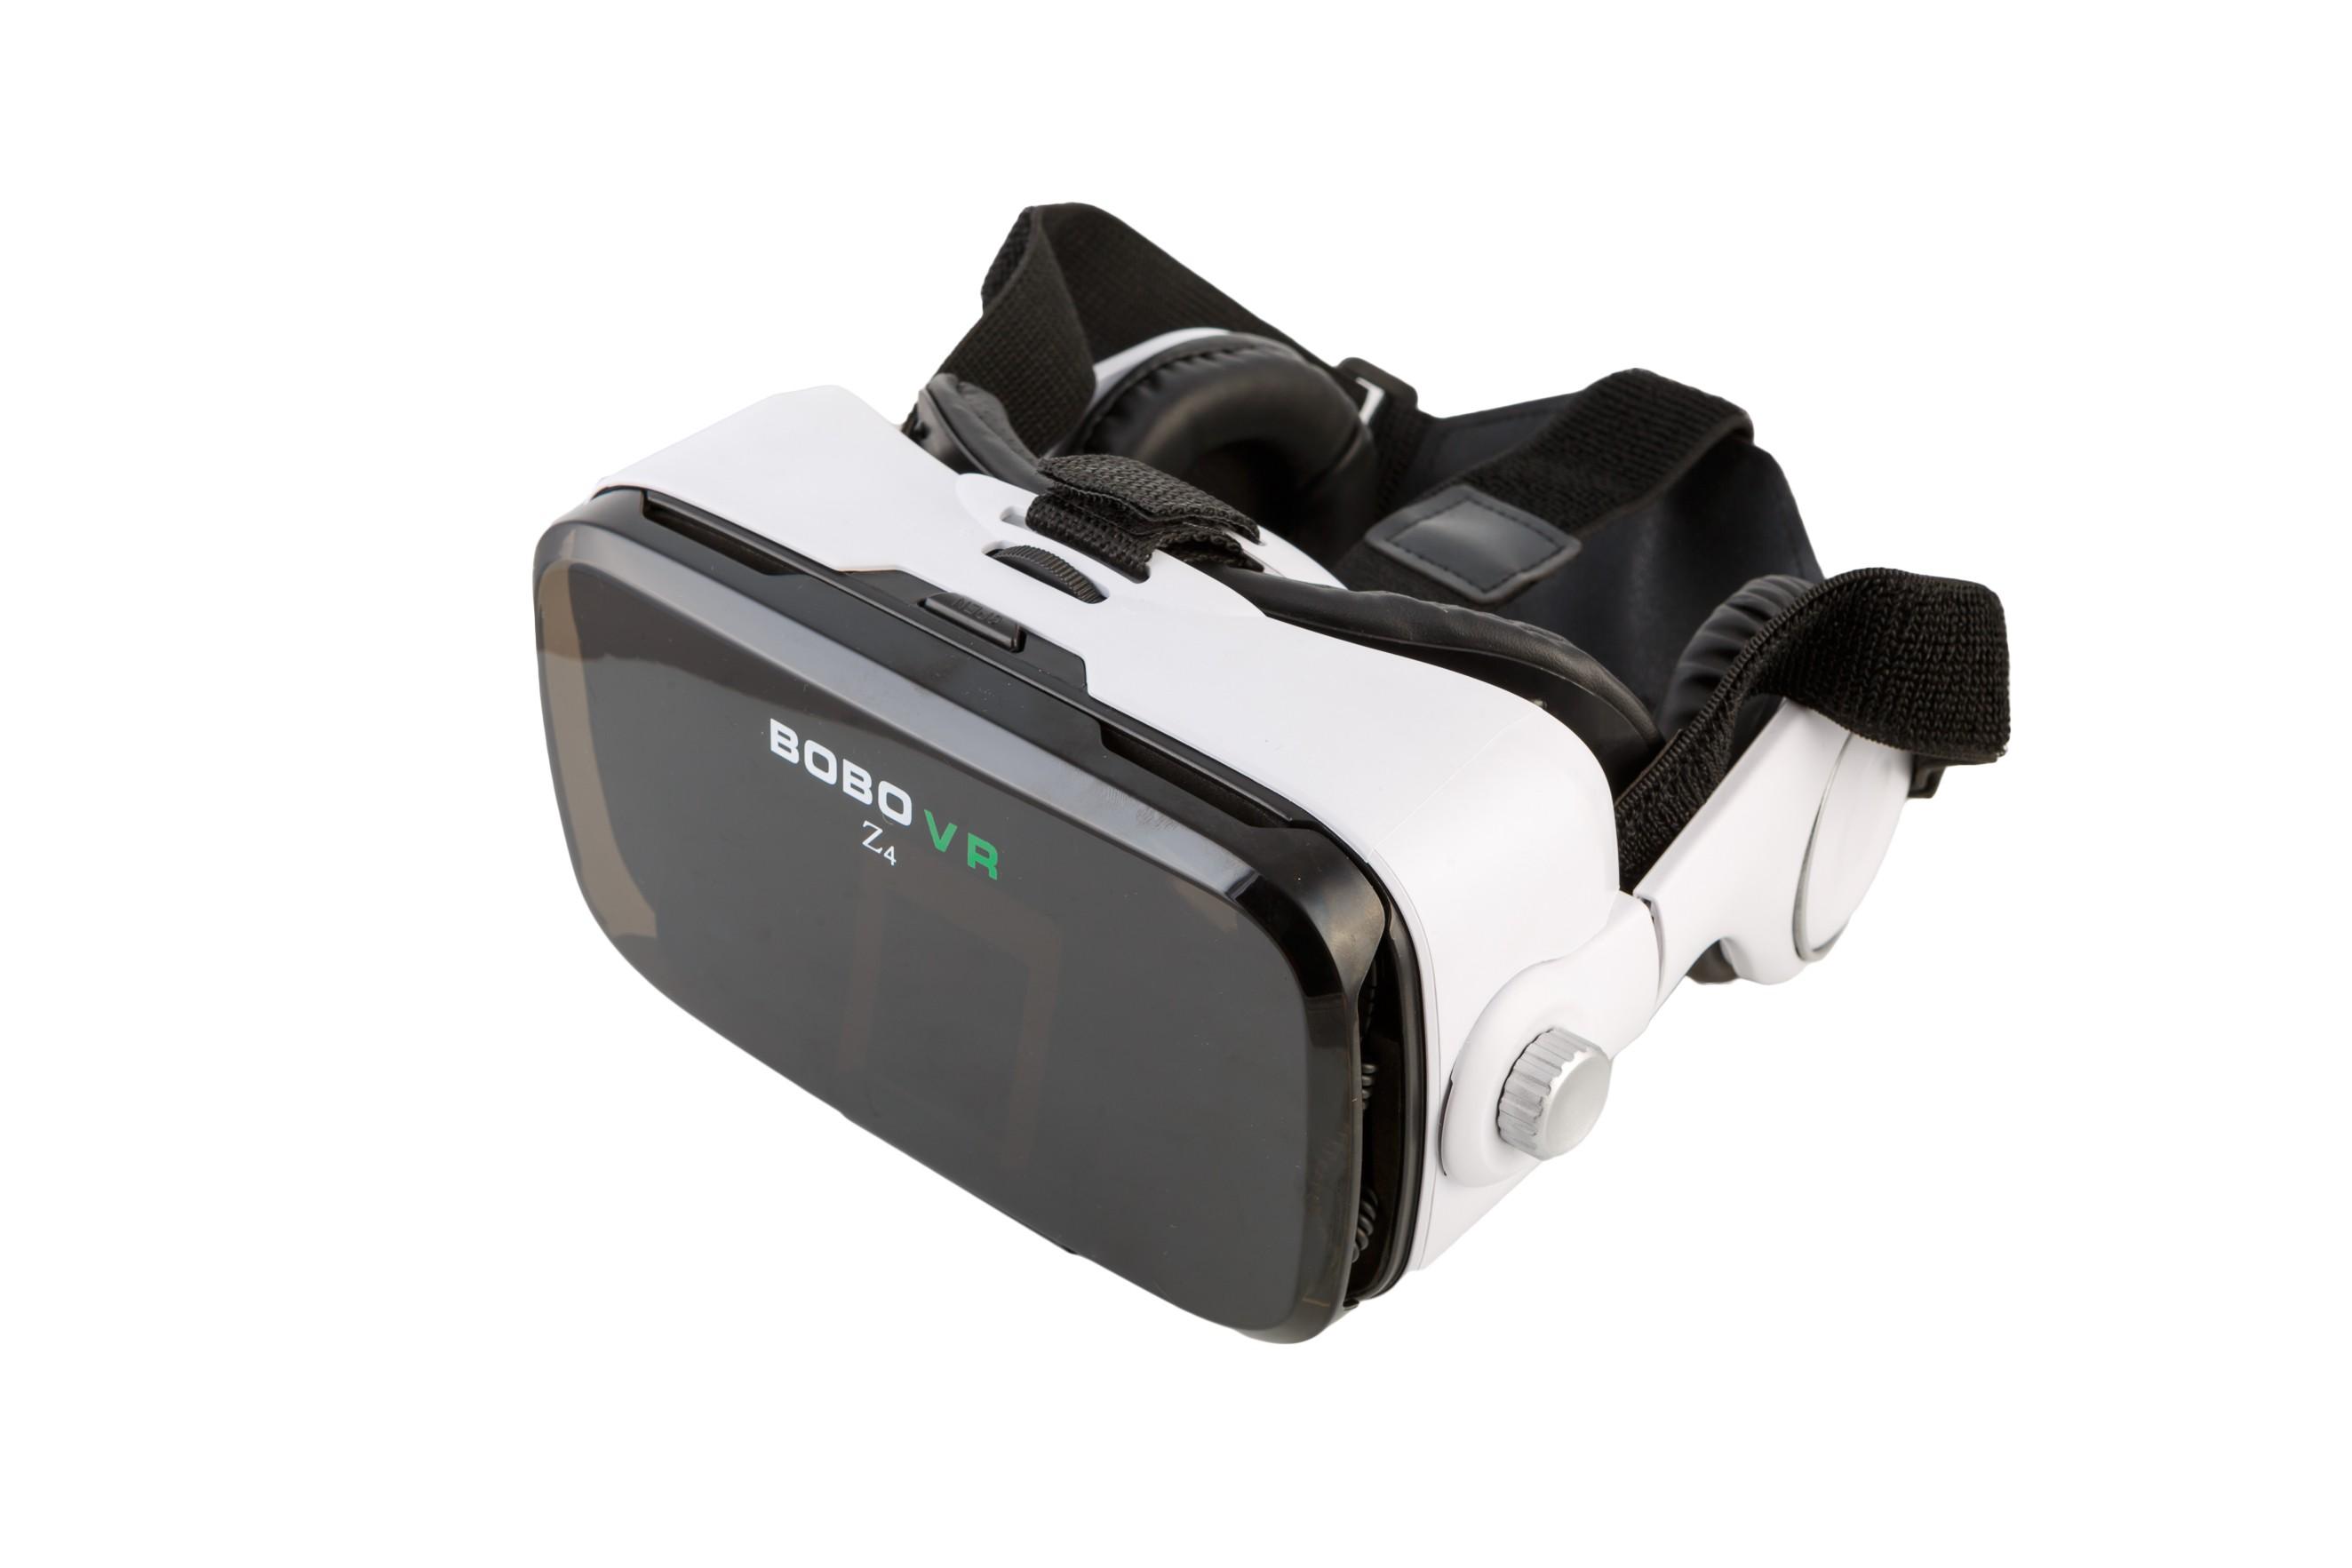 Очки виртуальной реальности для смартфона VR Z4, фото 3